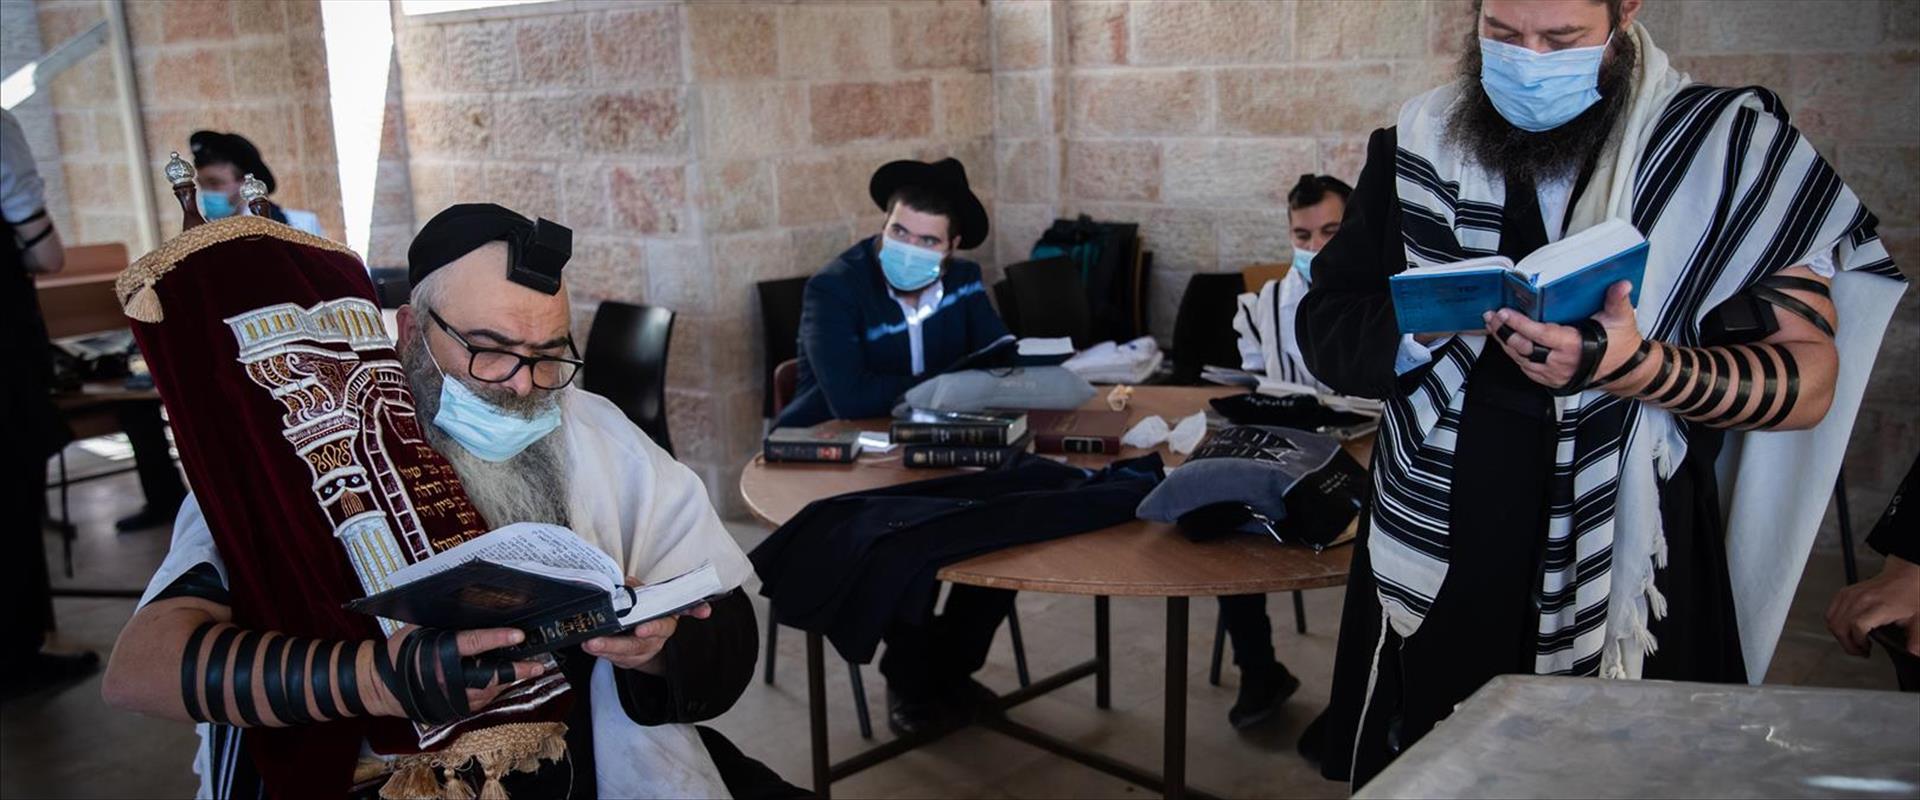 תפילה בירושלים, בית כנסת